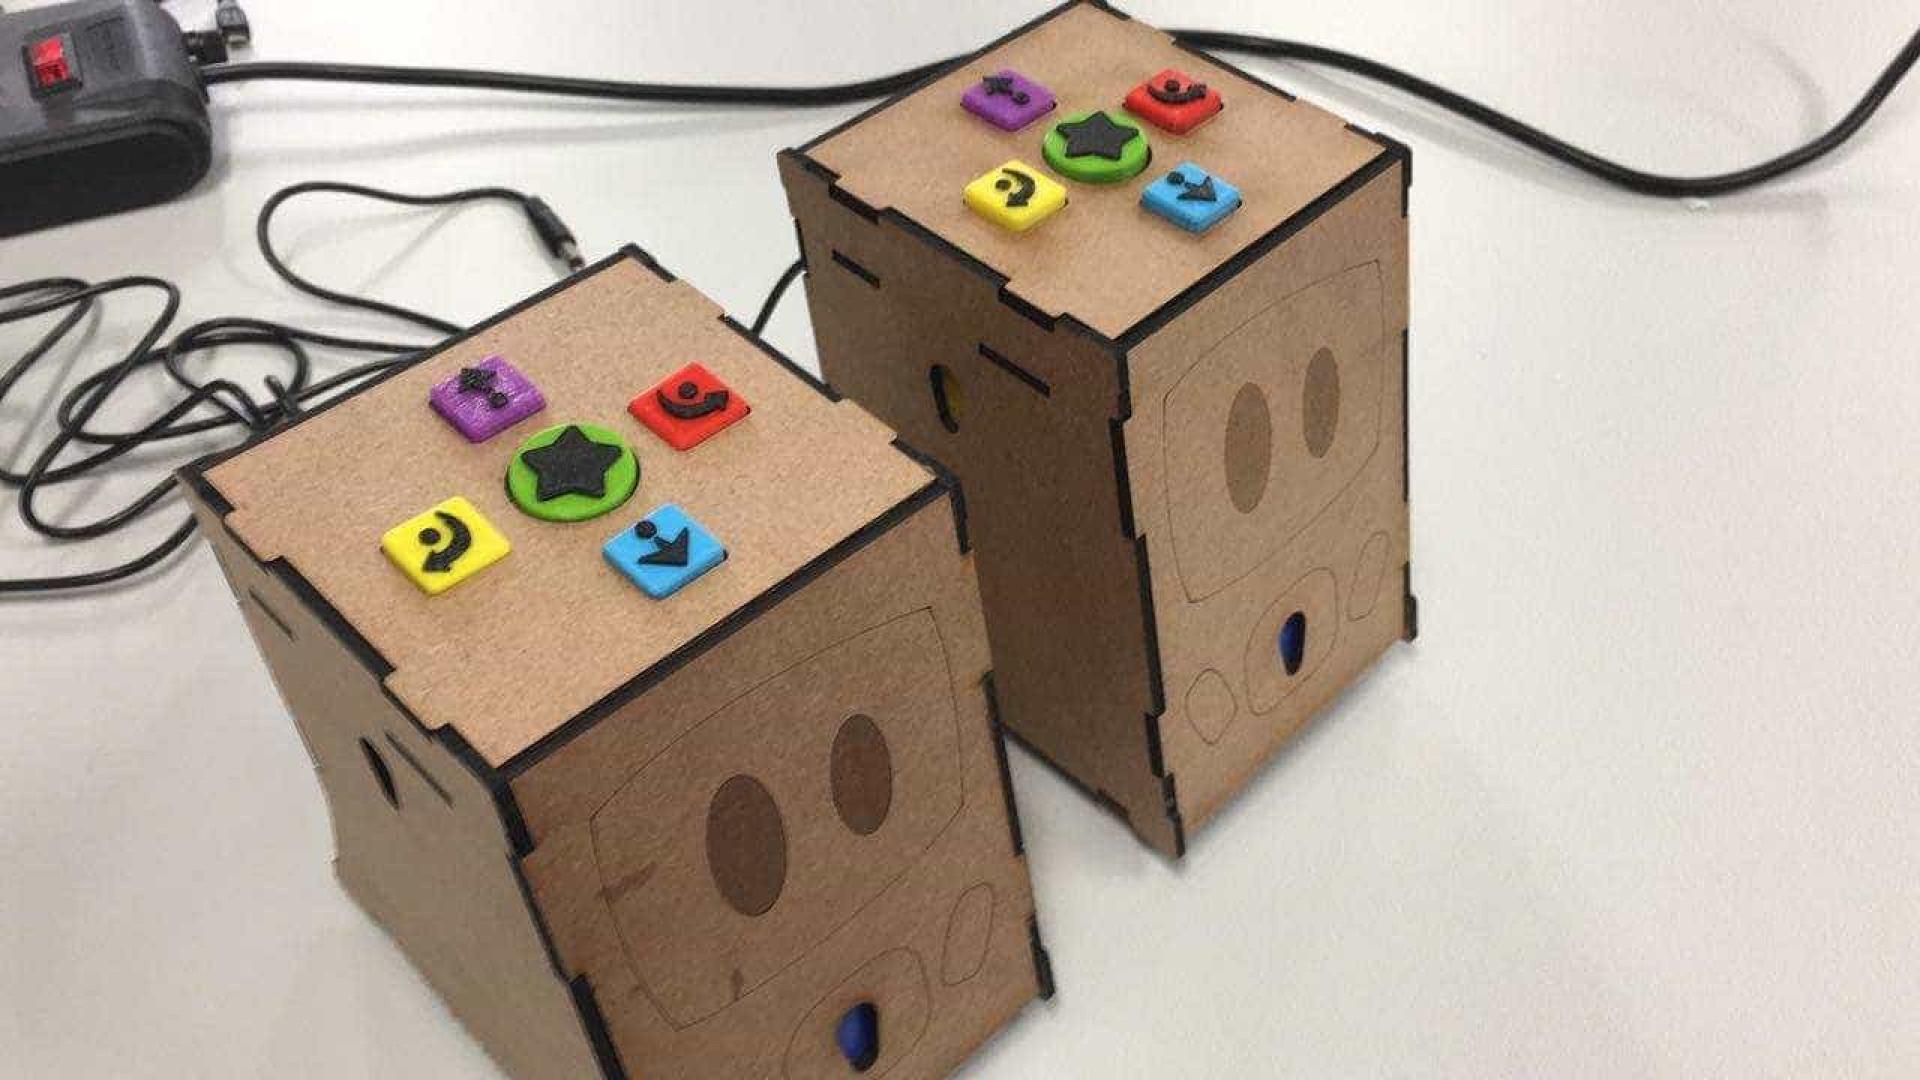 De forma lúdica, robô ajuda no aprendizado de crianças